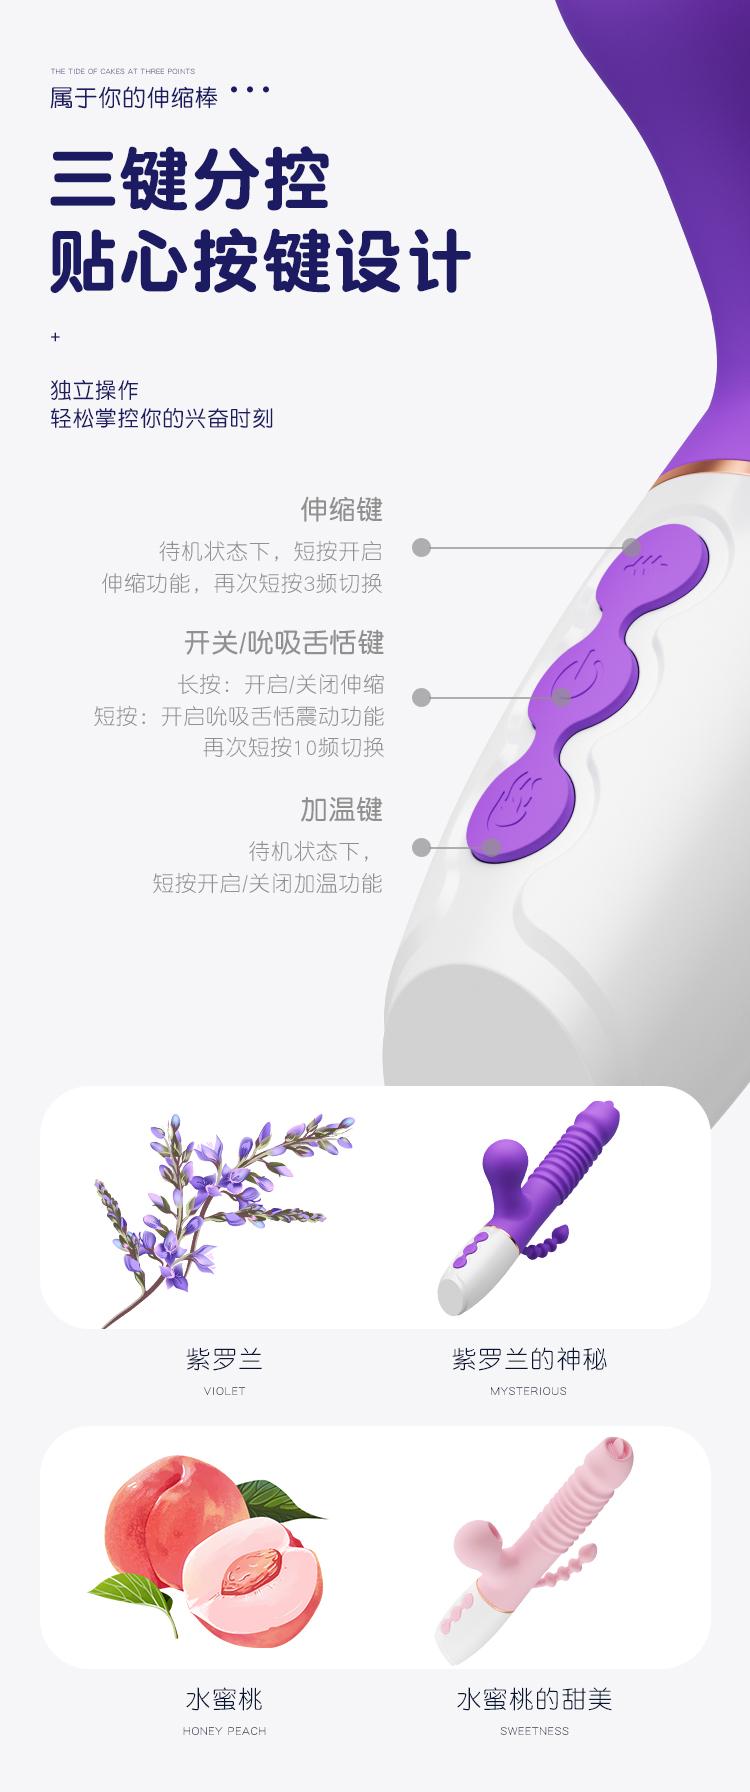 duong vat gia Boclick Mizzzee 13 - Dương vật giả cầm tay đa chức năng Boclick Mizzzee hút liếm thụt giật